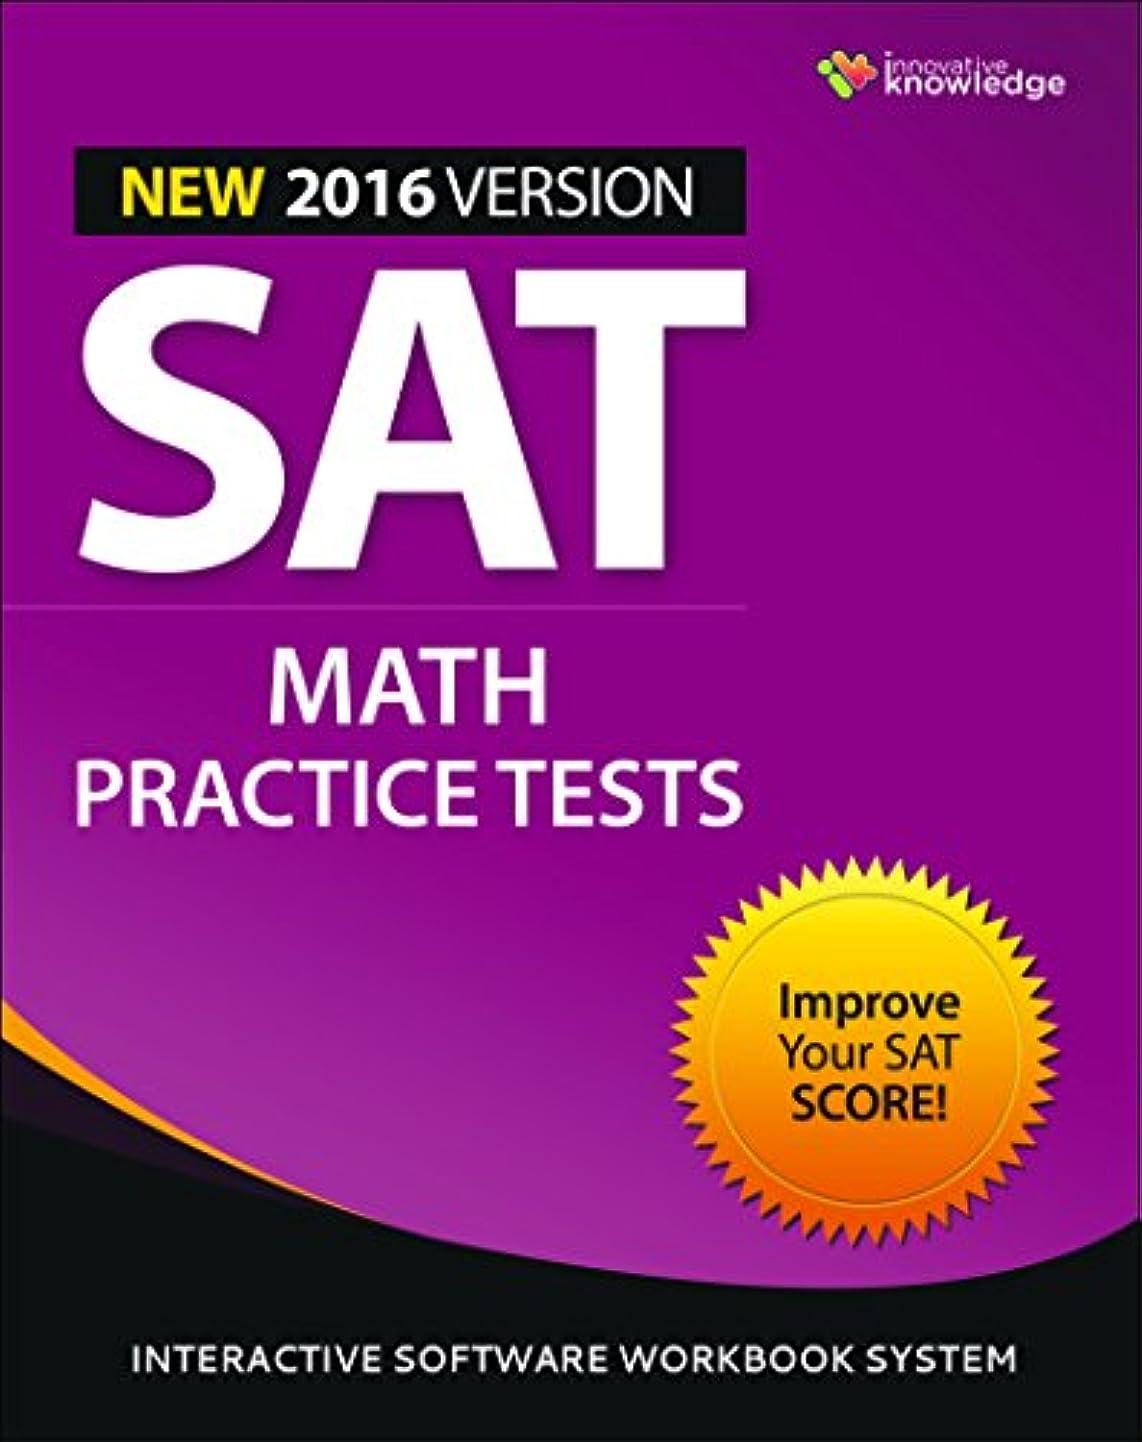 掻く突然の南アメリカアメリカ大学受験SAT数学テストの模擬テスト [オンラインコード]